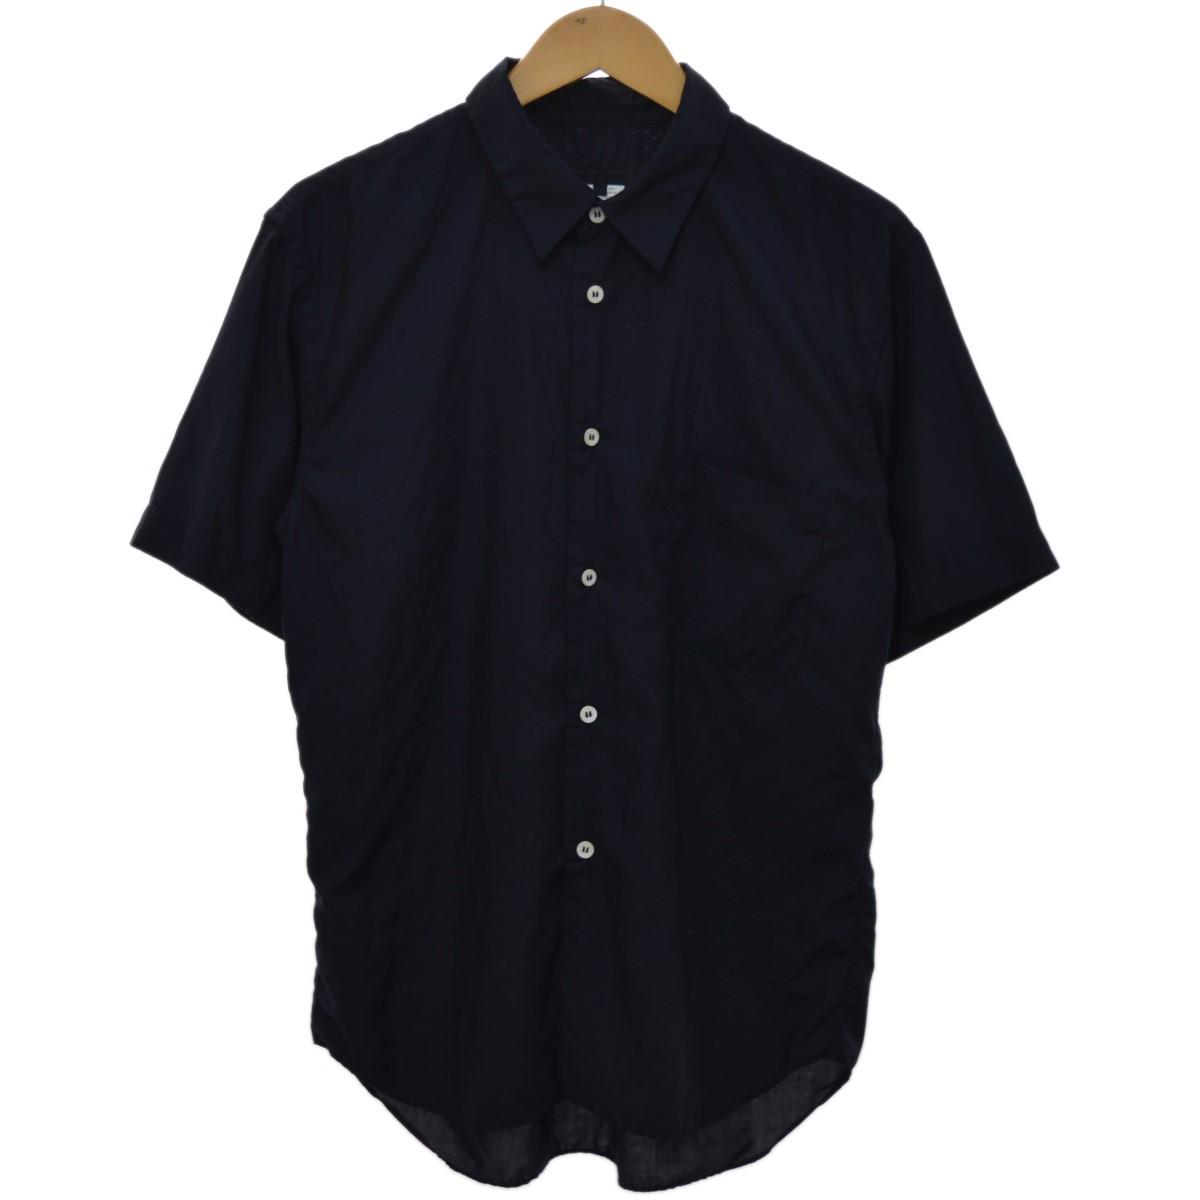 【中古】COMME des GARCONS HOMME DEUX スタンダードハーフシャツ ネイビー サイズ:S 【230420】(コムデギャルソンオムドゥ)